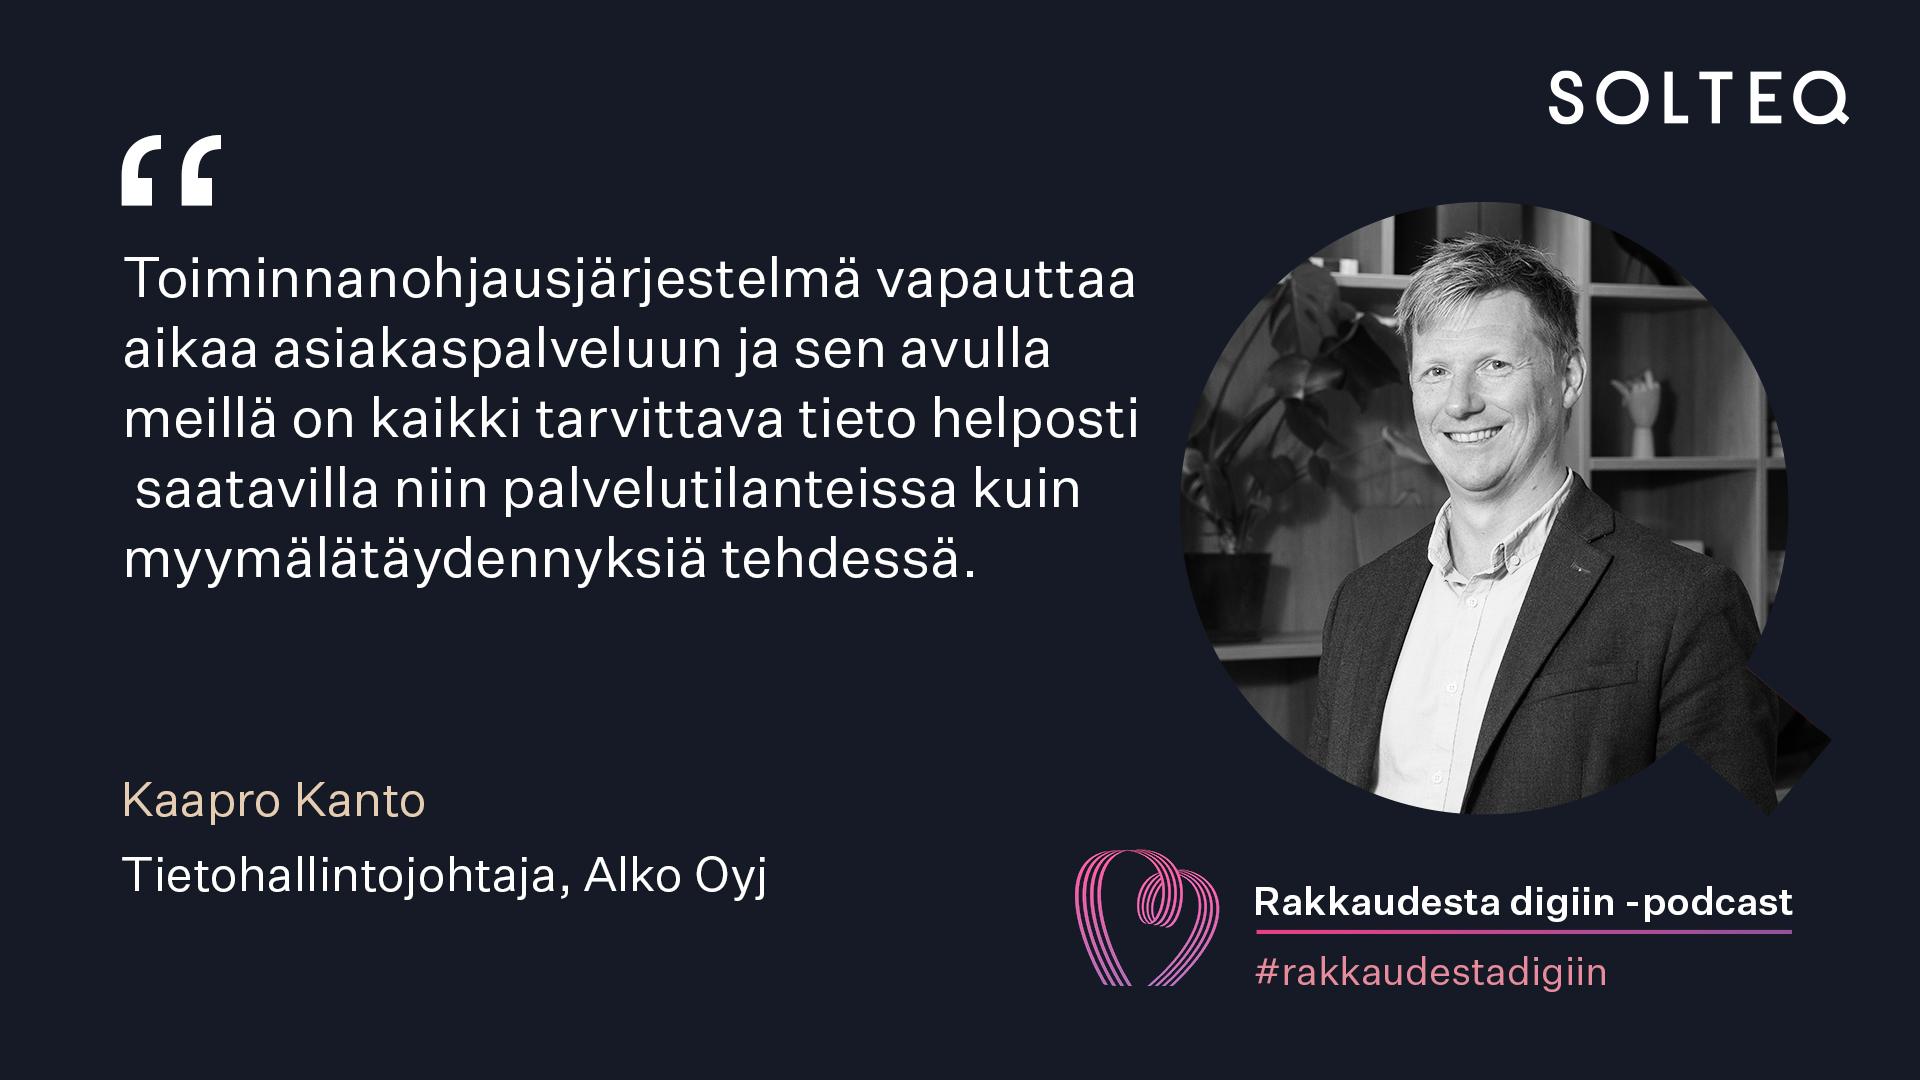 Quote Kaapro Kanto